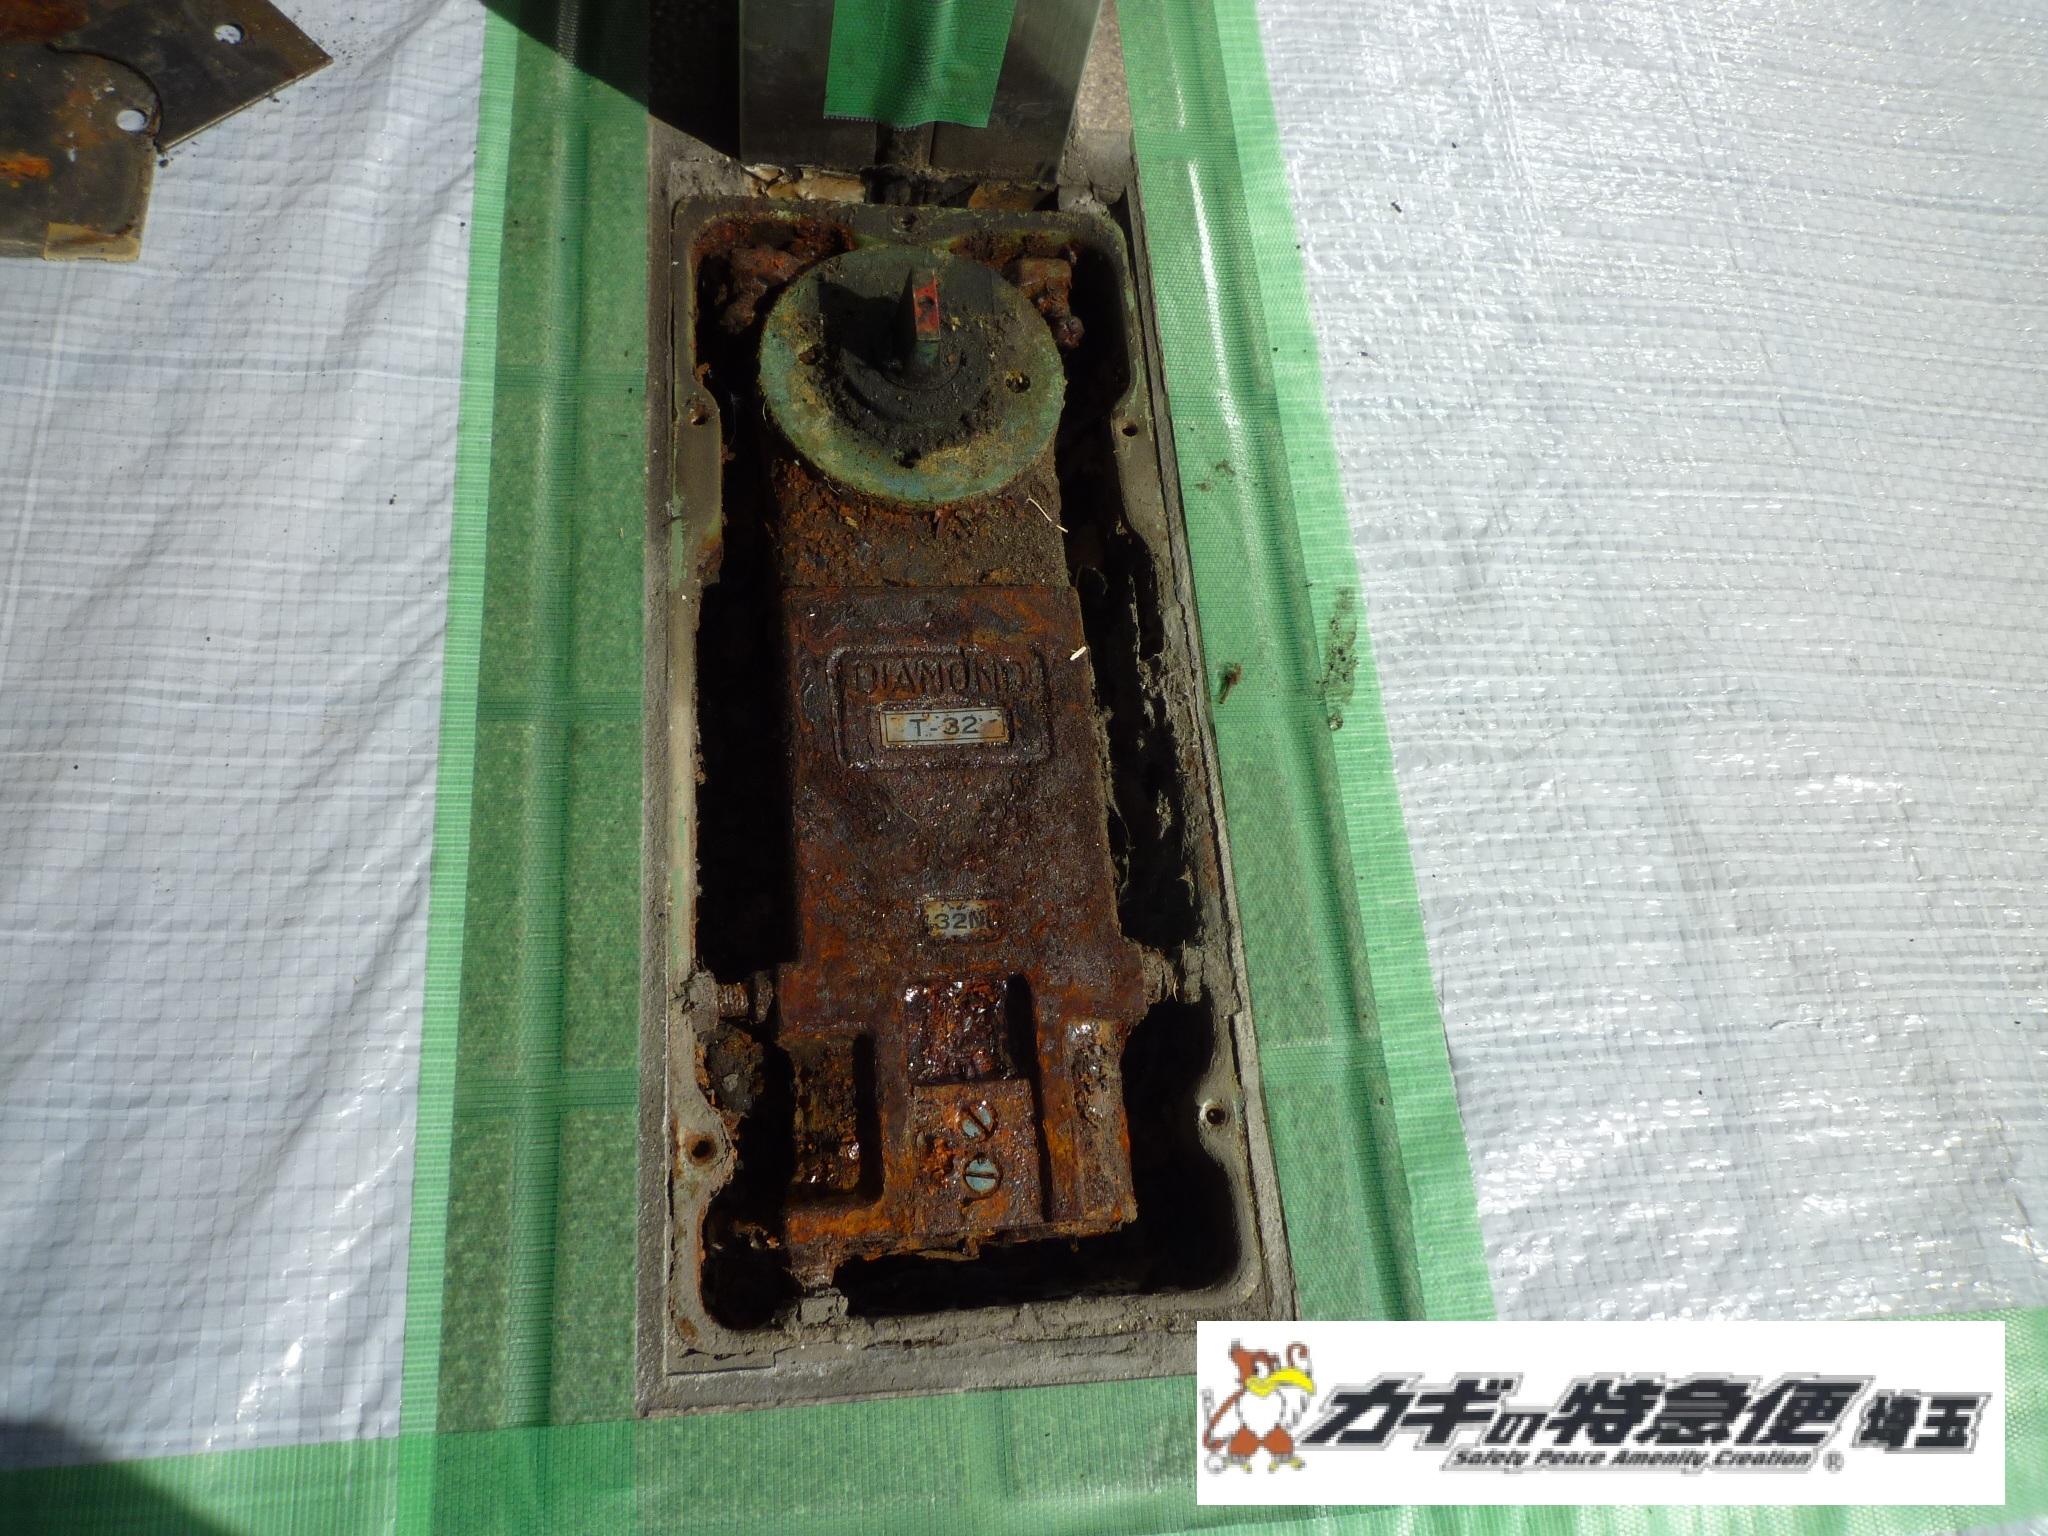 ドアクローザーの交換修理(フロアヒンジの交換修理工事 東京都練馬区)